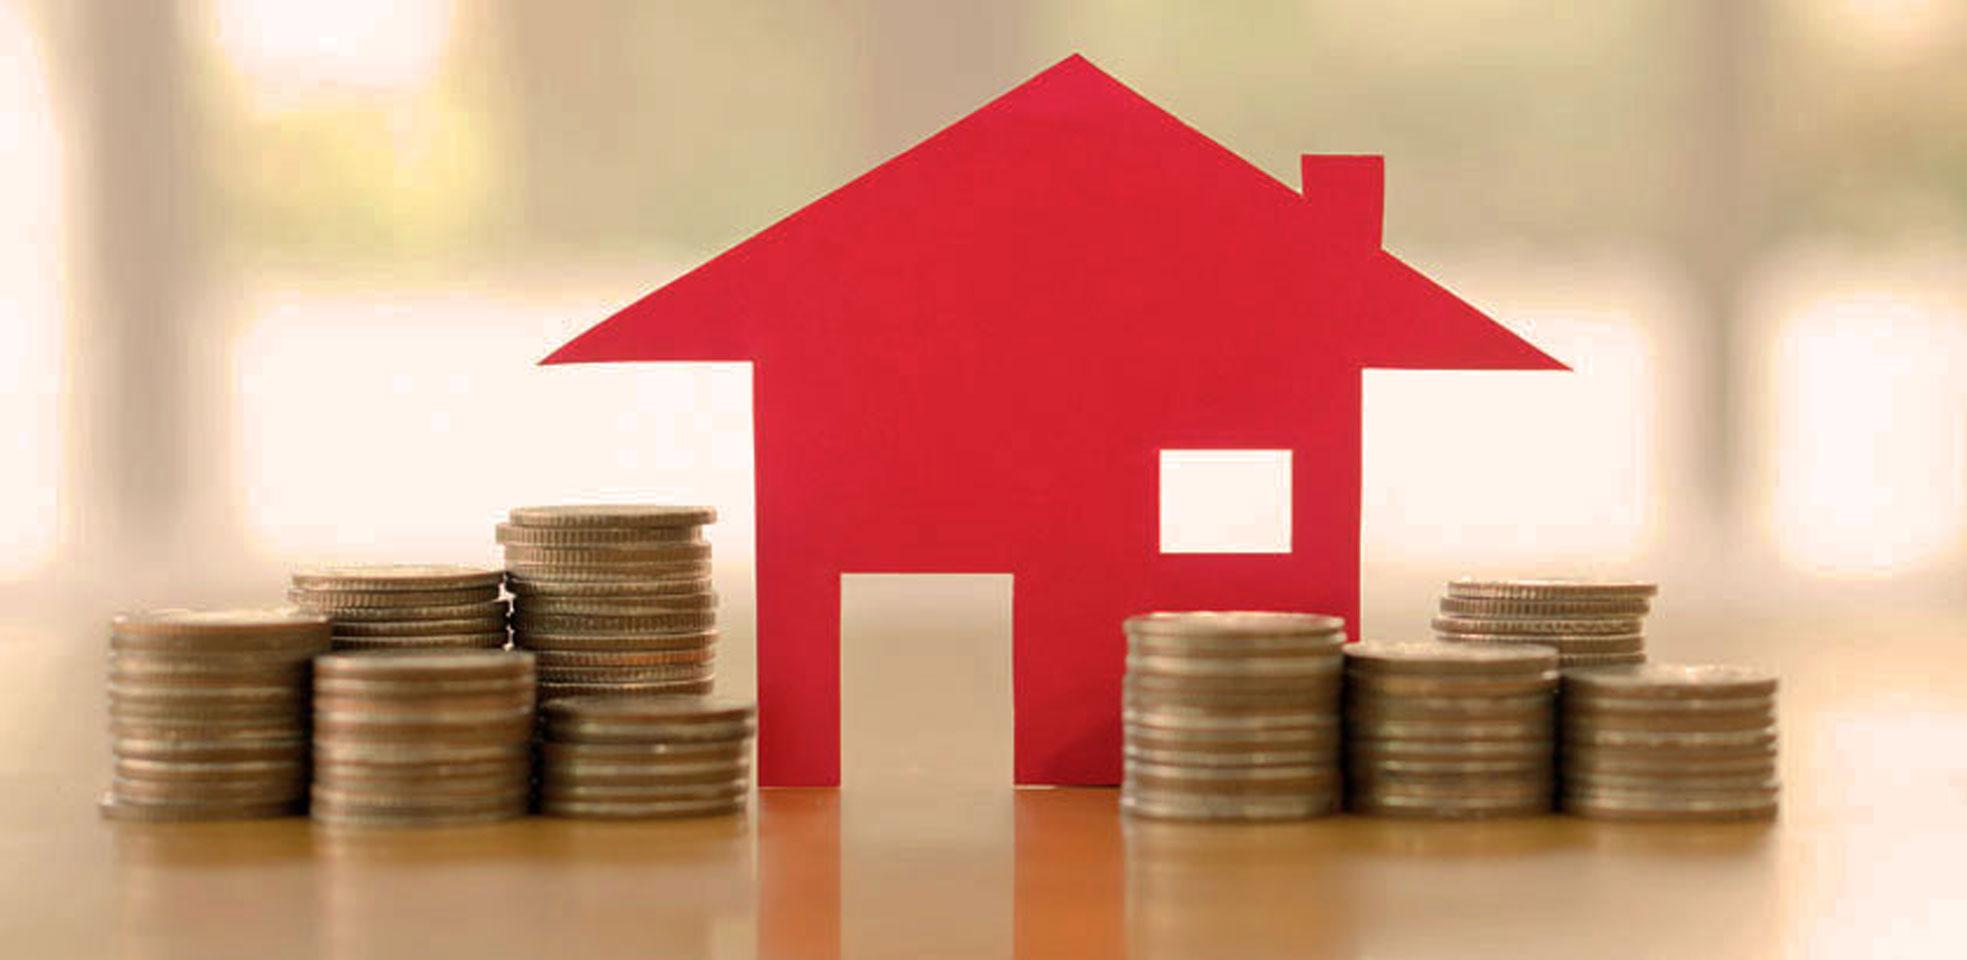 Assurance pour maison : quelles sont les limites de ces contrats ?